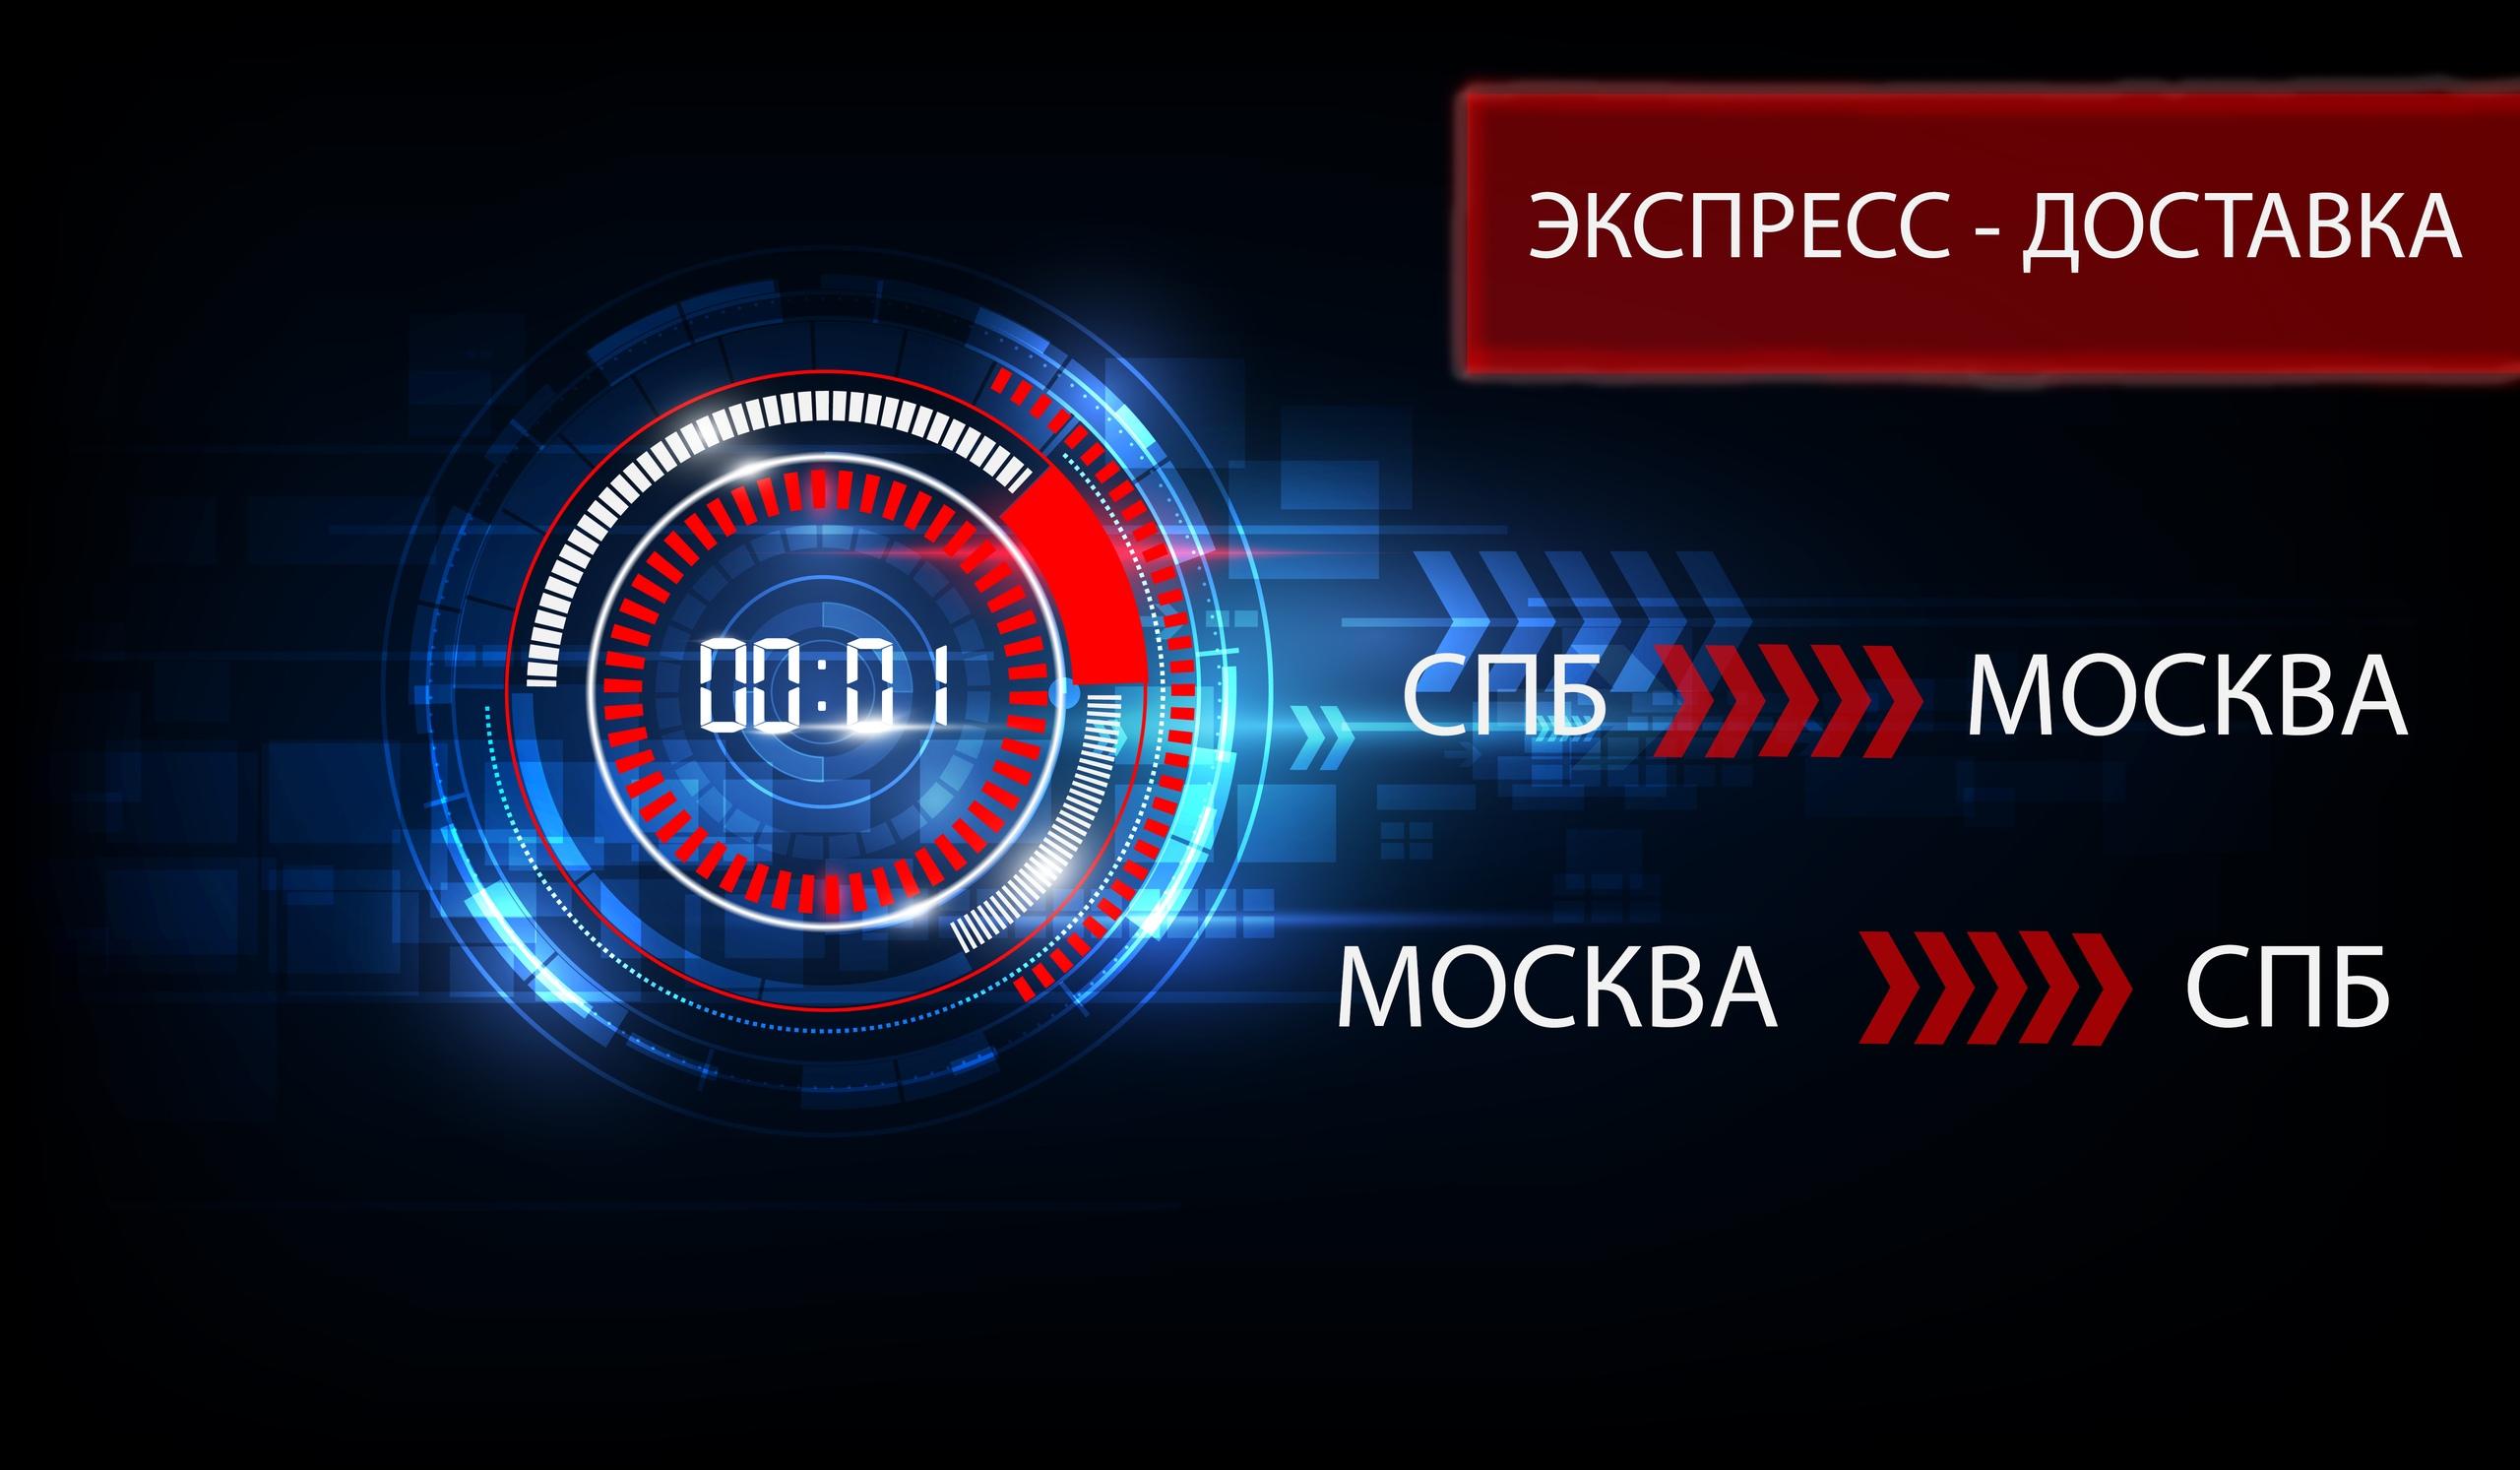 маджик транс москва